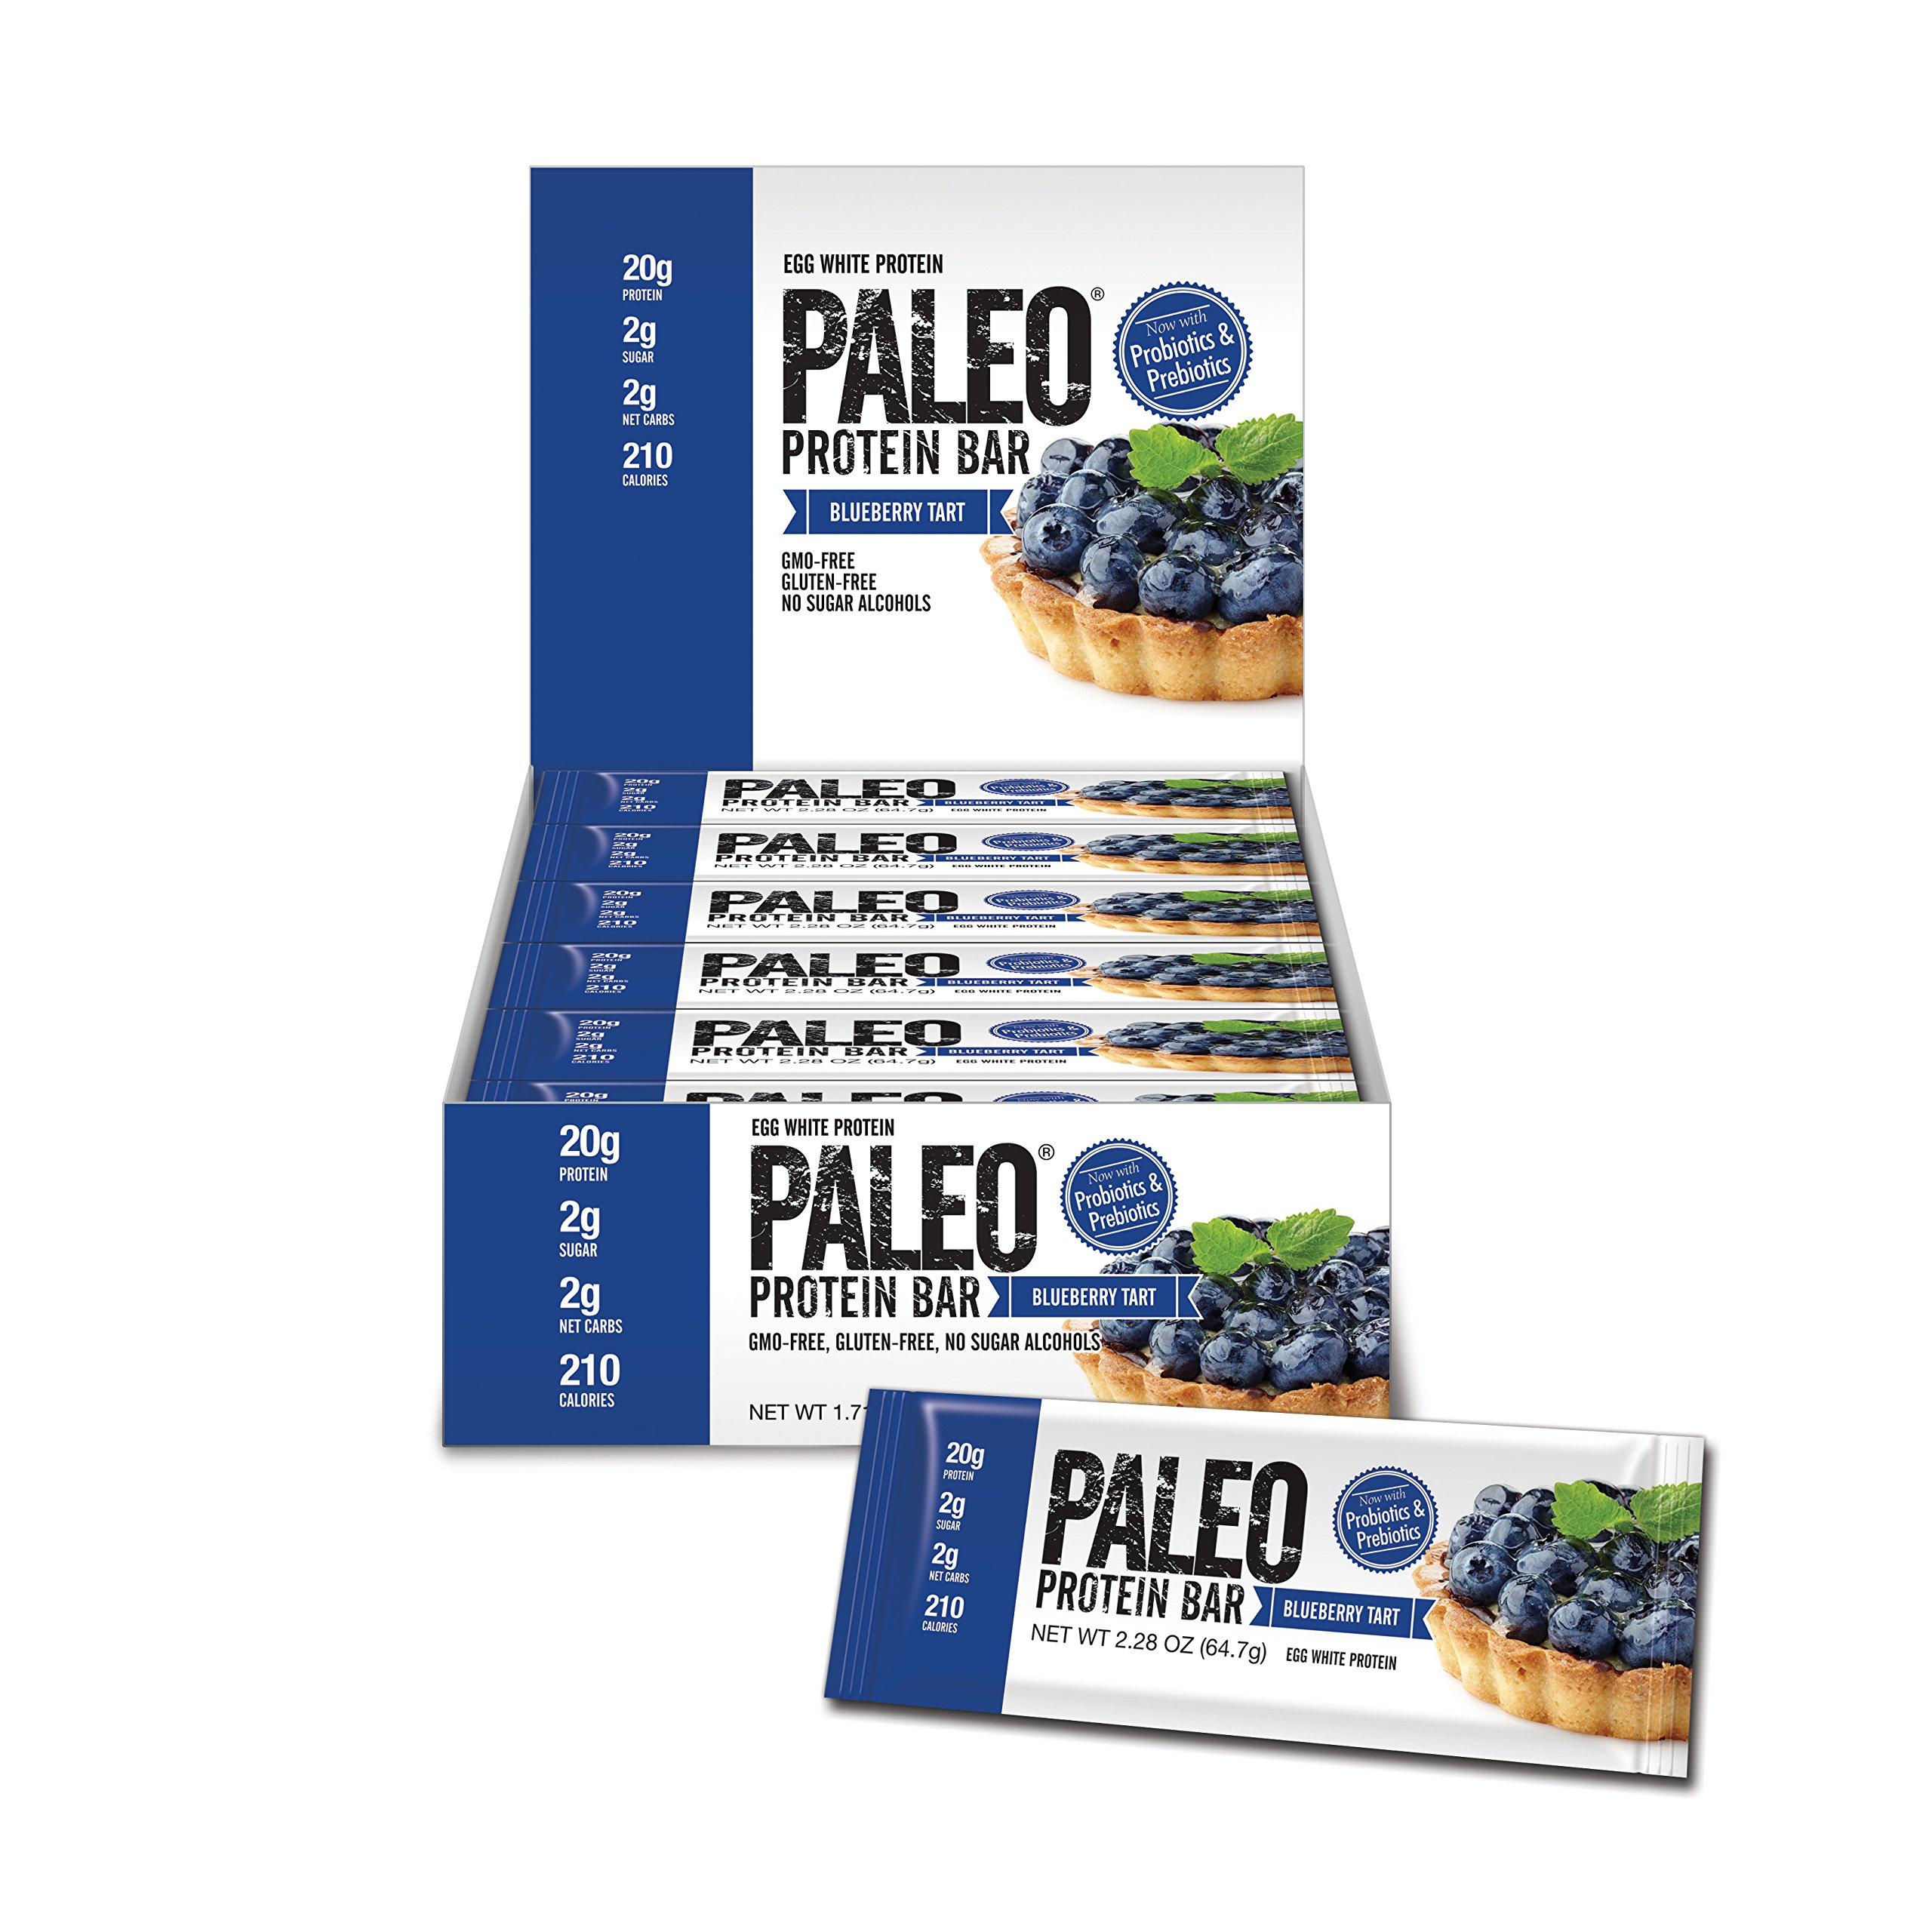 Paleo Protein Bar, Blueberry Tart, Pack of 24 (12 x 2 cases), 2.28 oz (64.7g)